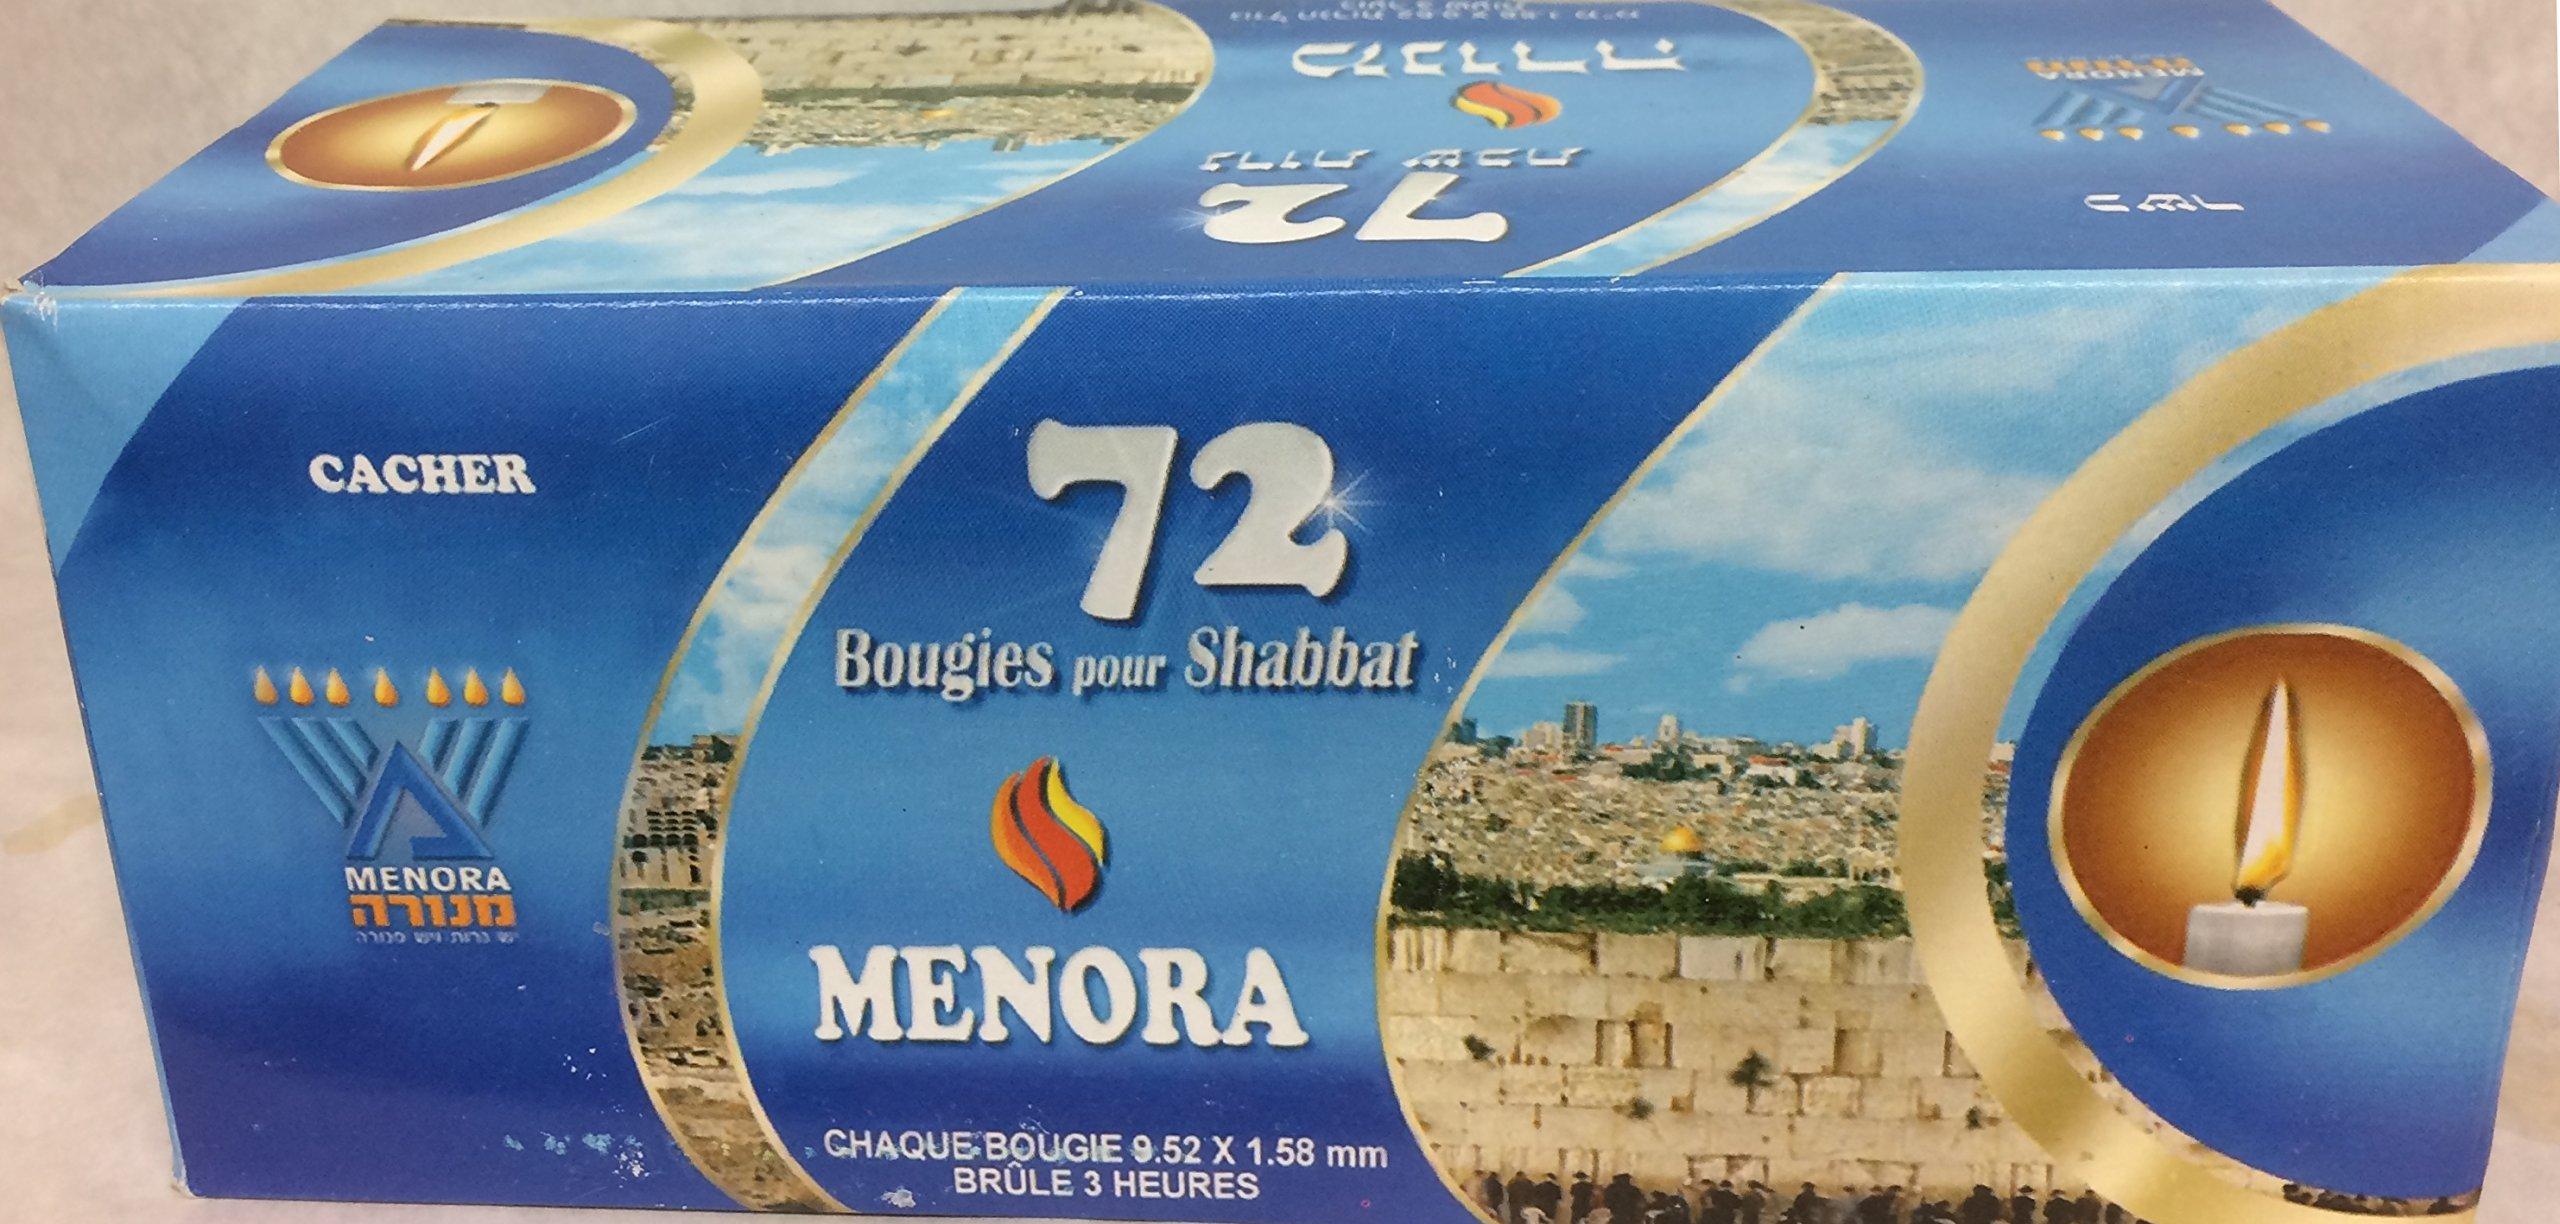 Menora 72 Shabbat Candles Kosher Pack Of 4.